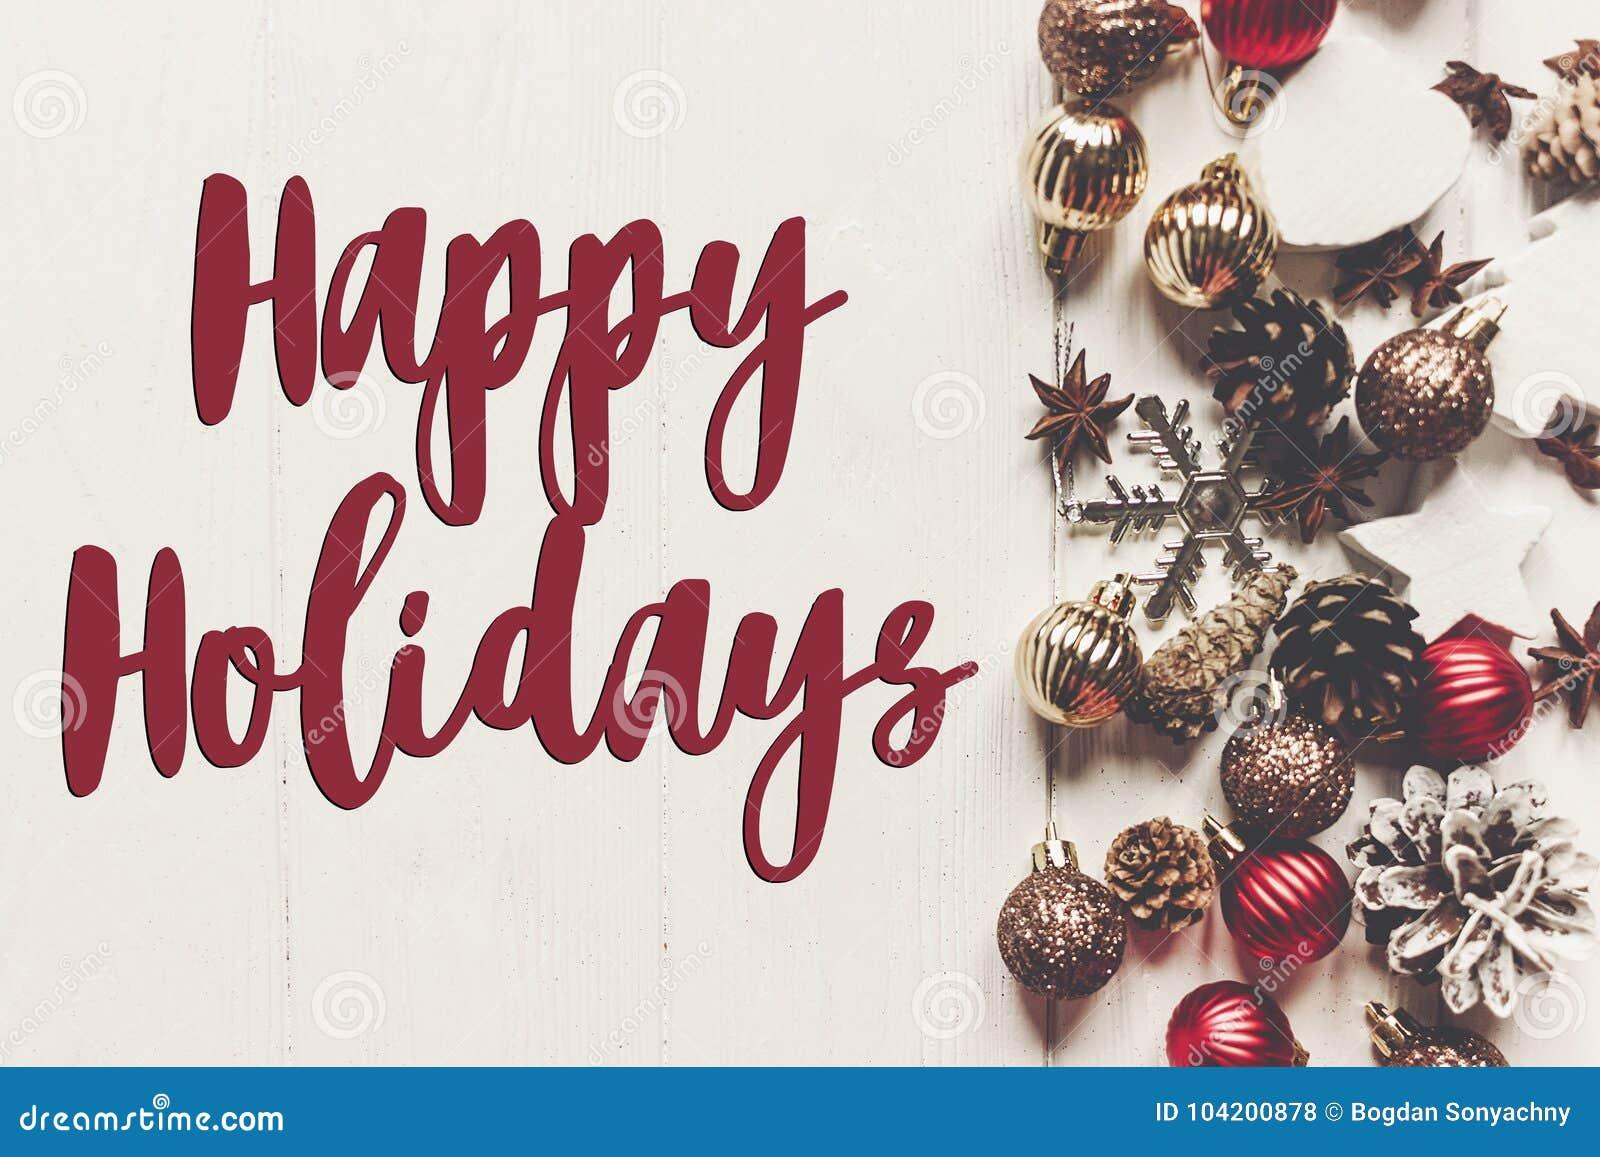 Καλές διακοπές κείμενο, εποχιακό σημάδι καρτών χαιρετισμών σύγχρονο orname